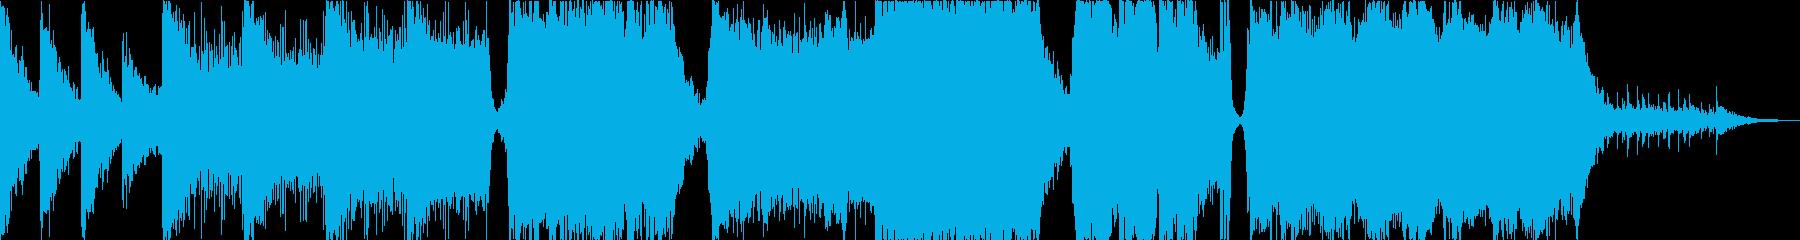 ハイブリッドオーケストラ トレイラーの再生済みの波形